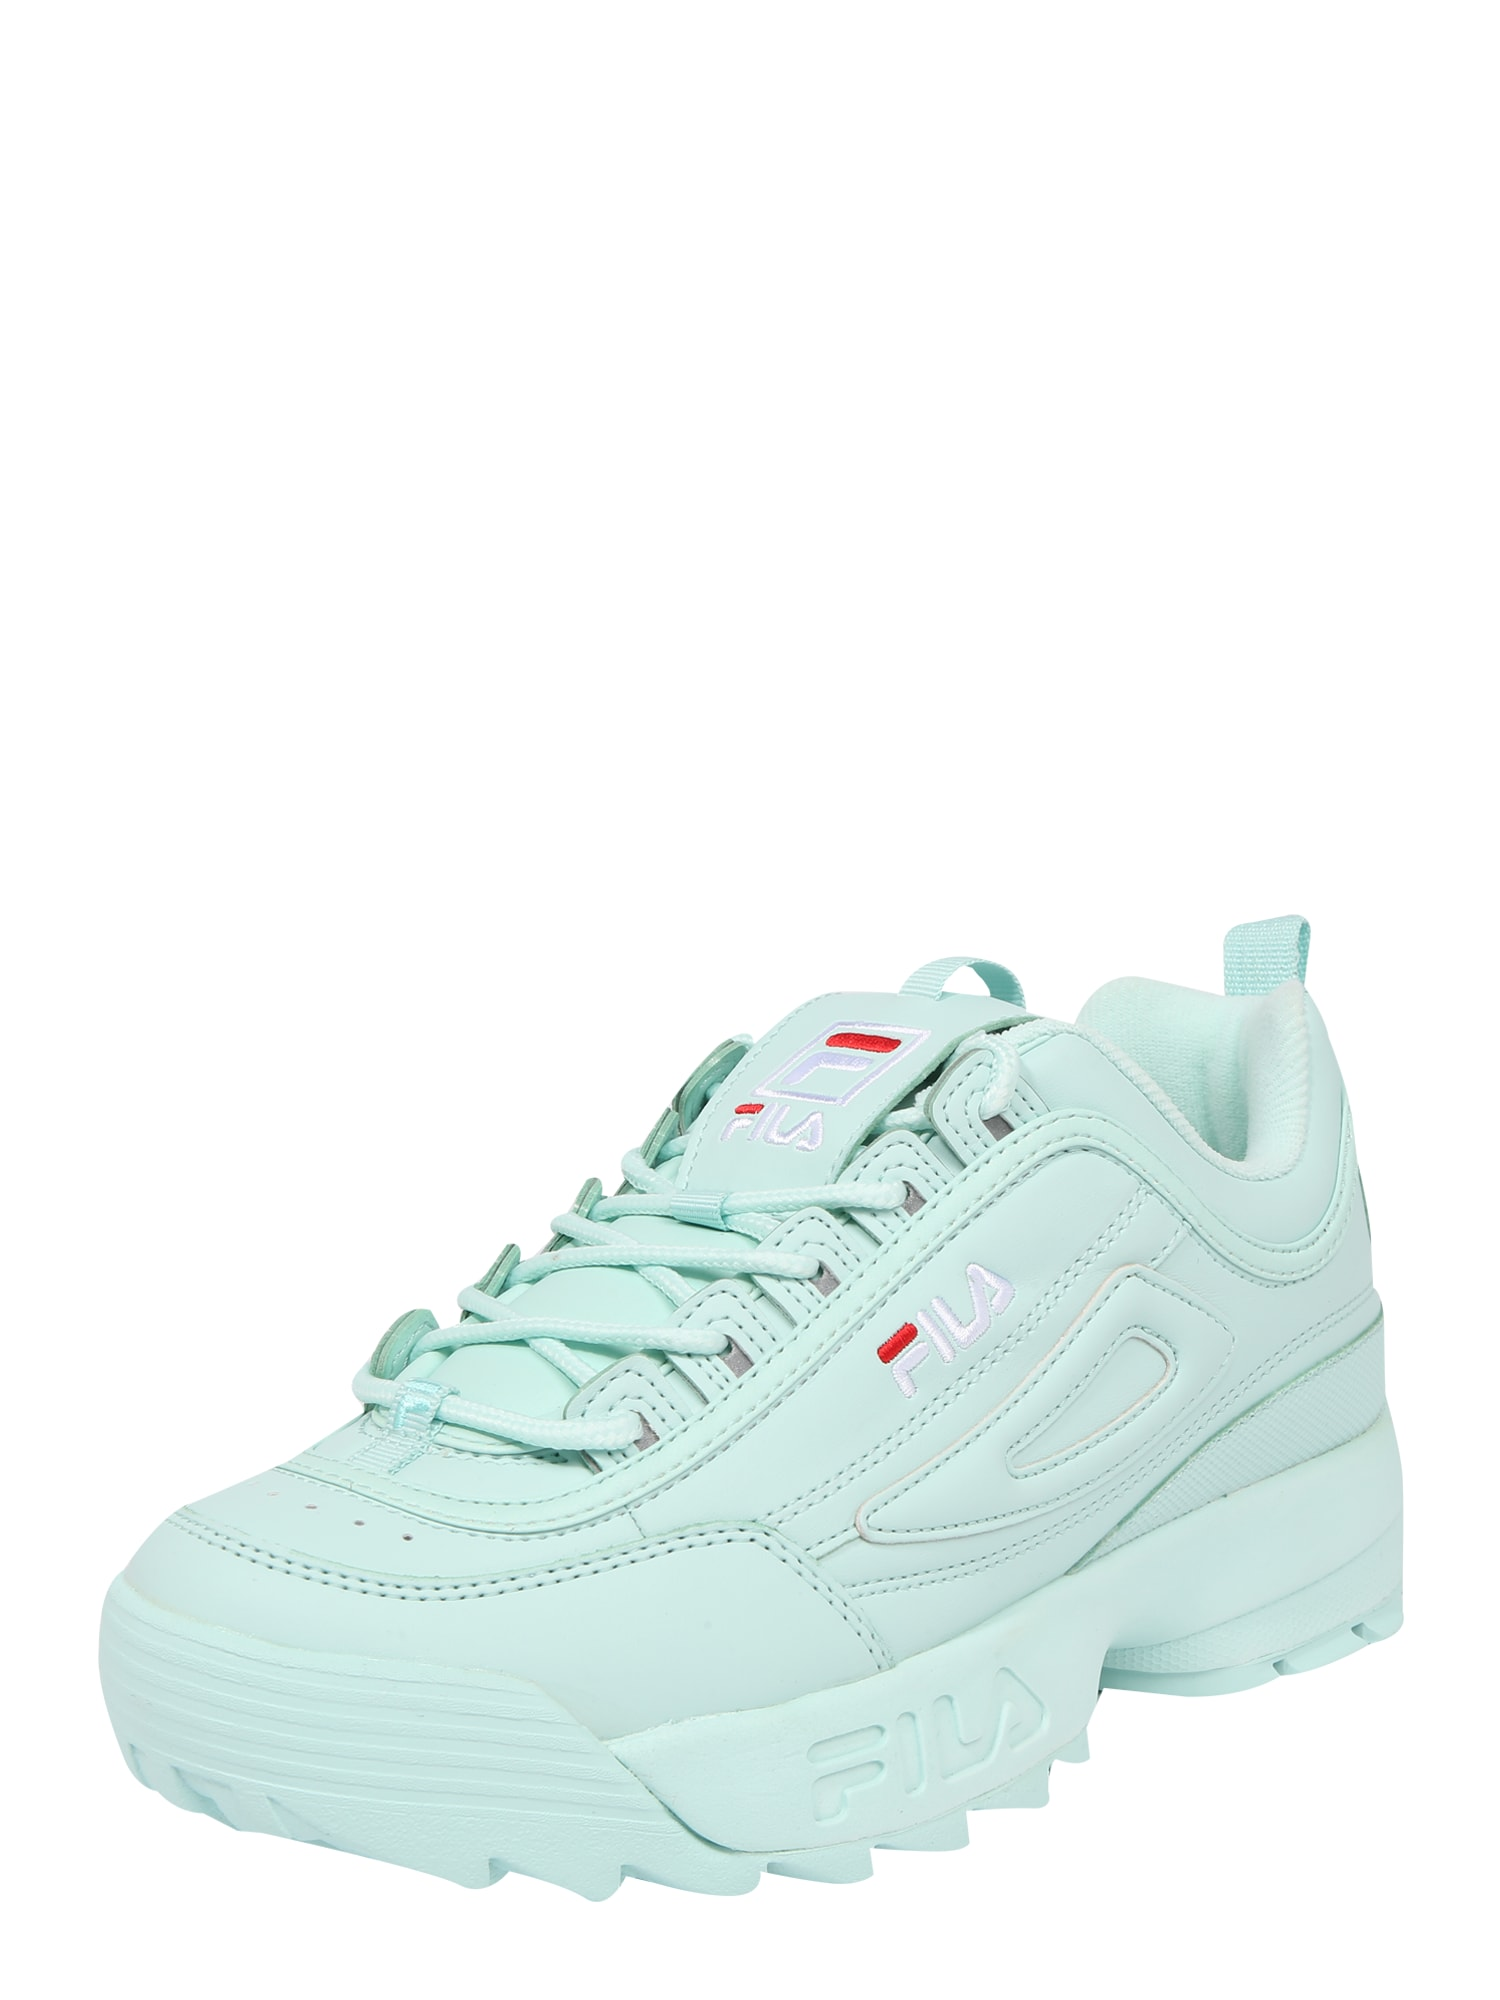 FILA, Heren Sneakers laag 'Disruptor', mintgroen / rood / wit